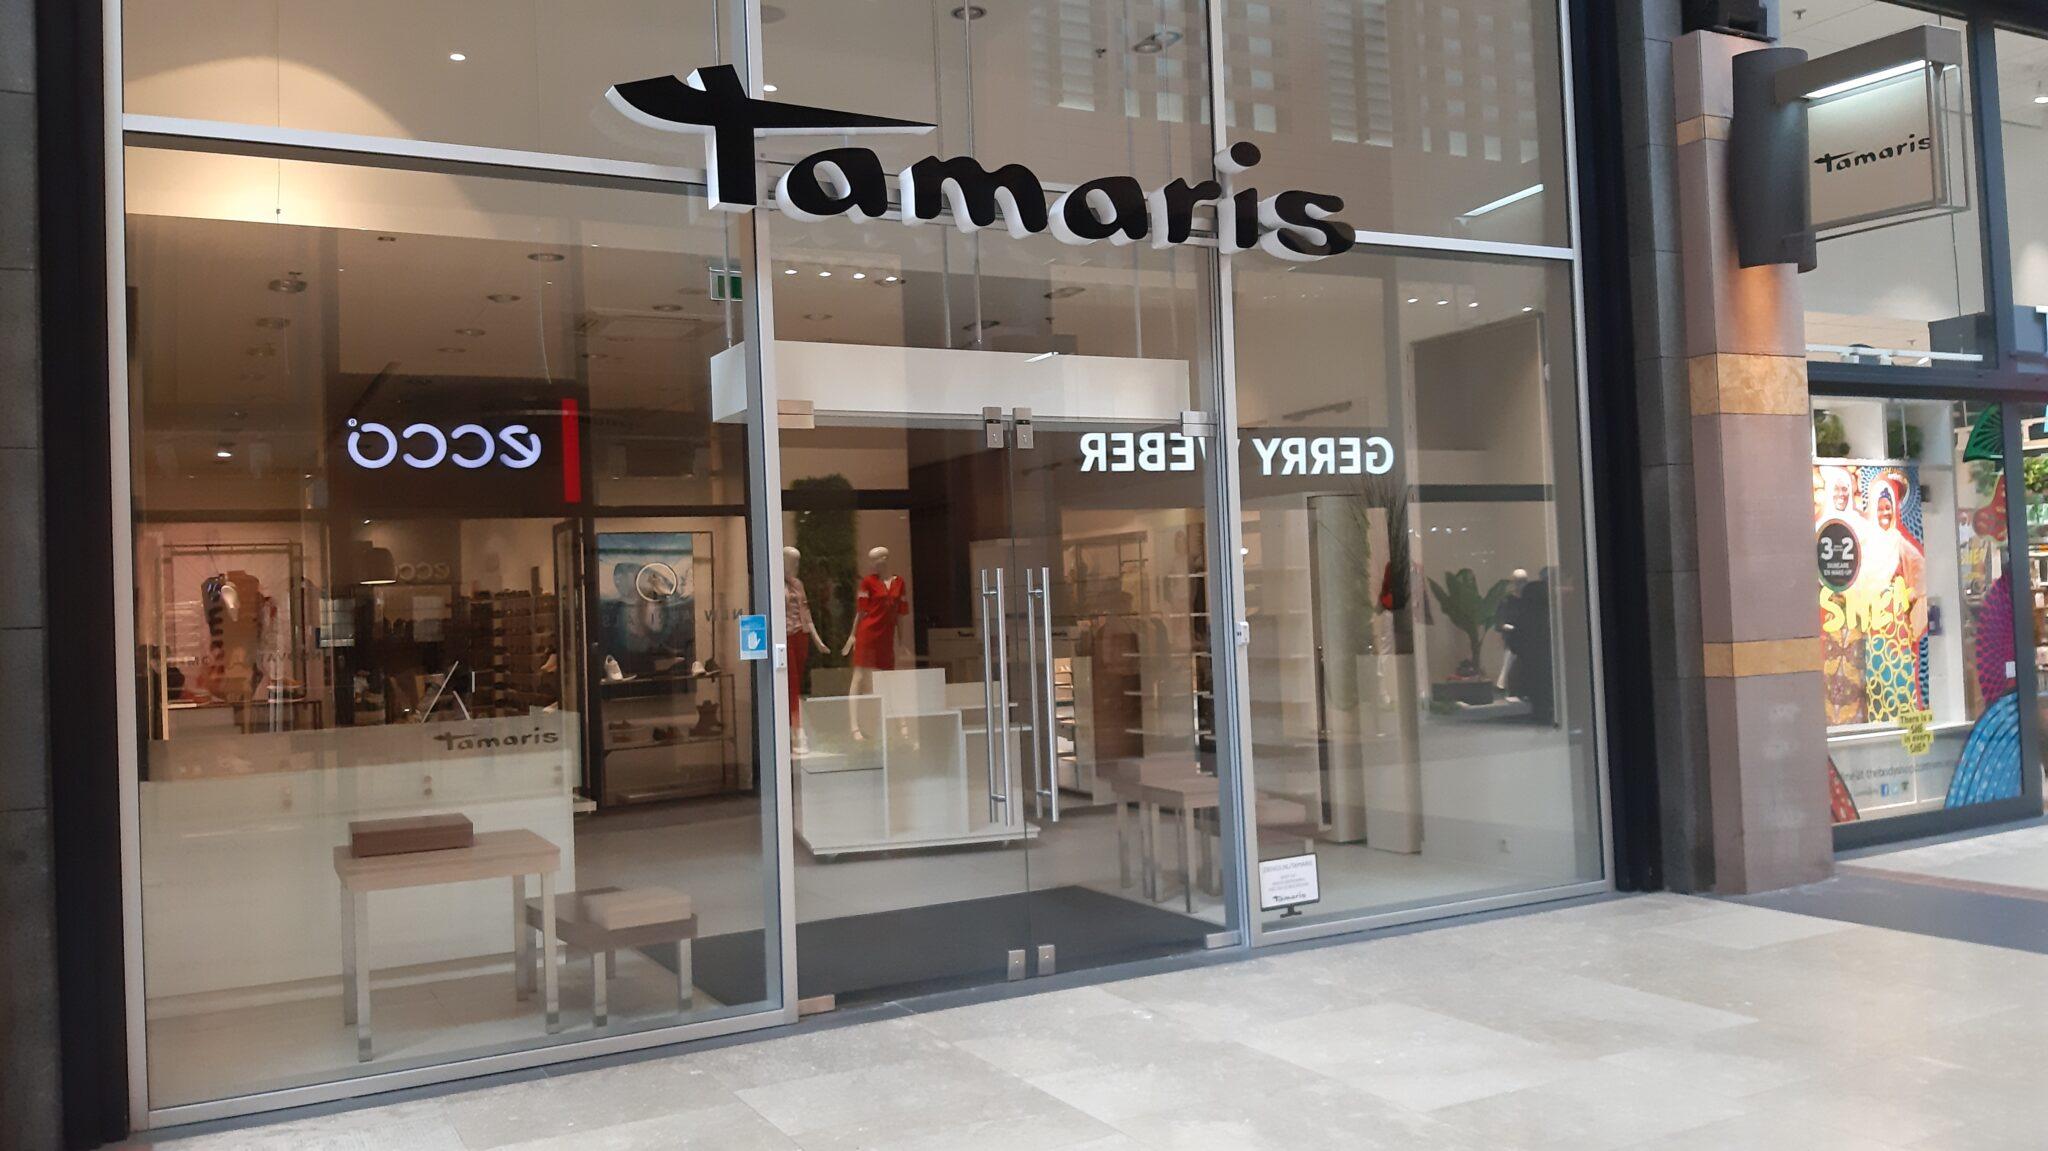 Tamaris Enschede